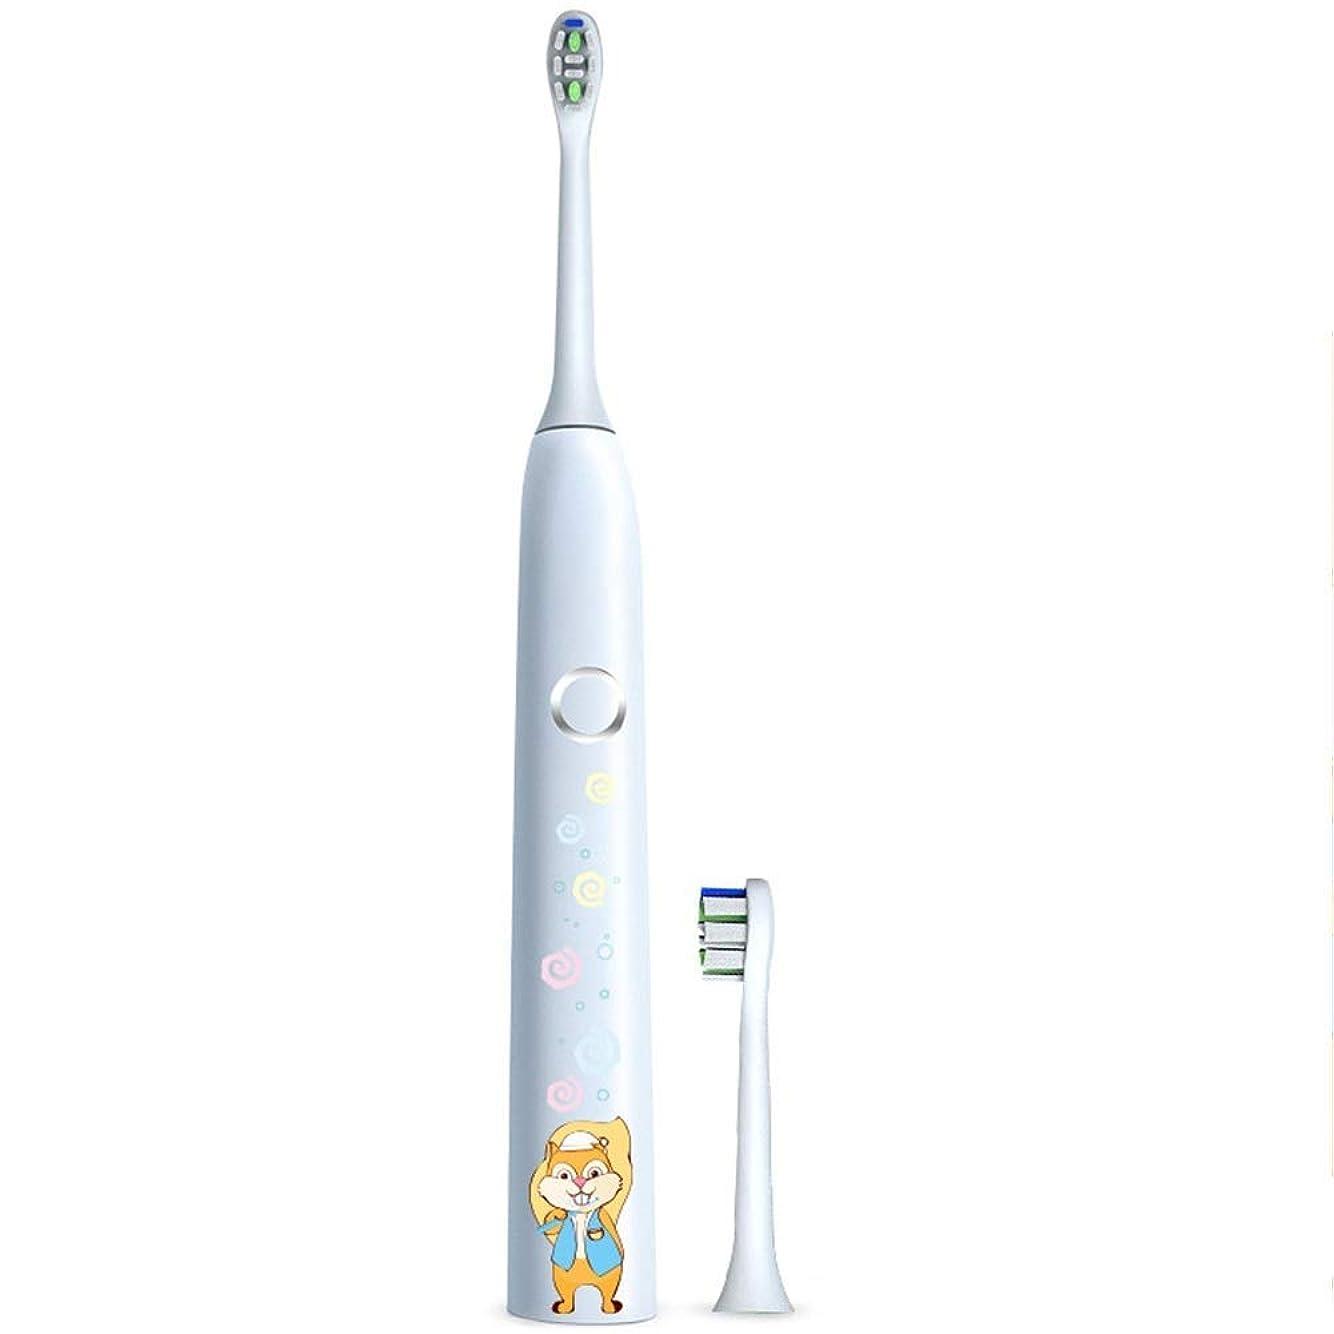 一晩リレー是正電動歯ブラシ 子供の電動歯ブラシ保護クリーンUSB充電式ソフトヘア歯ブラシ歯医者推奨 ケアー プロテクトクリーン (色 : 白, サイズ : Free size)